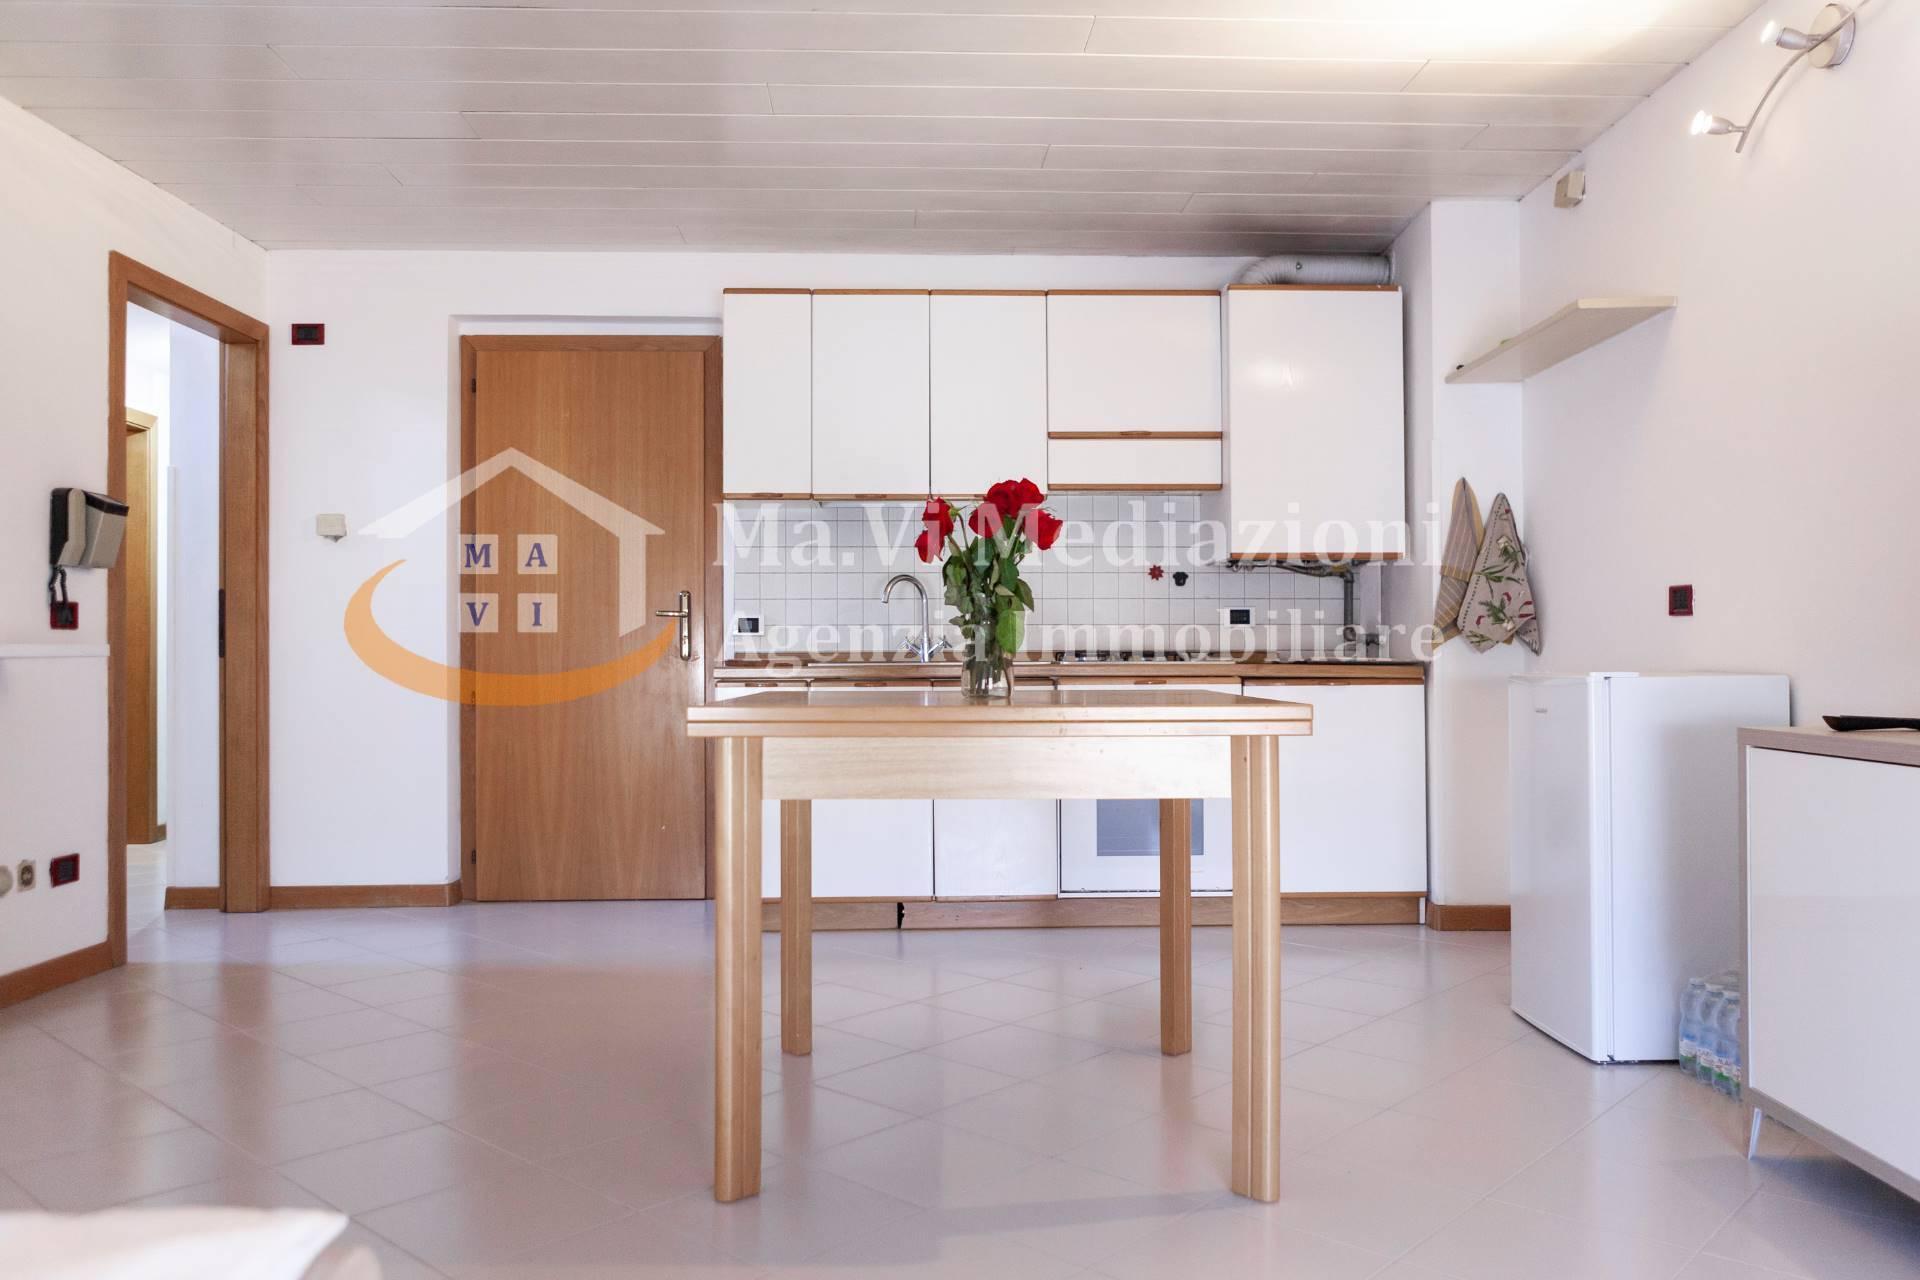 Appartamento in vendita a Nago-Torbole, 3 locali, zona Zona: Nago, prezzo € 196.000   CambioCasa.it